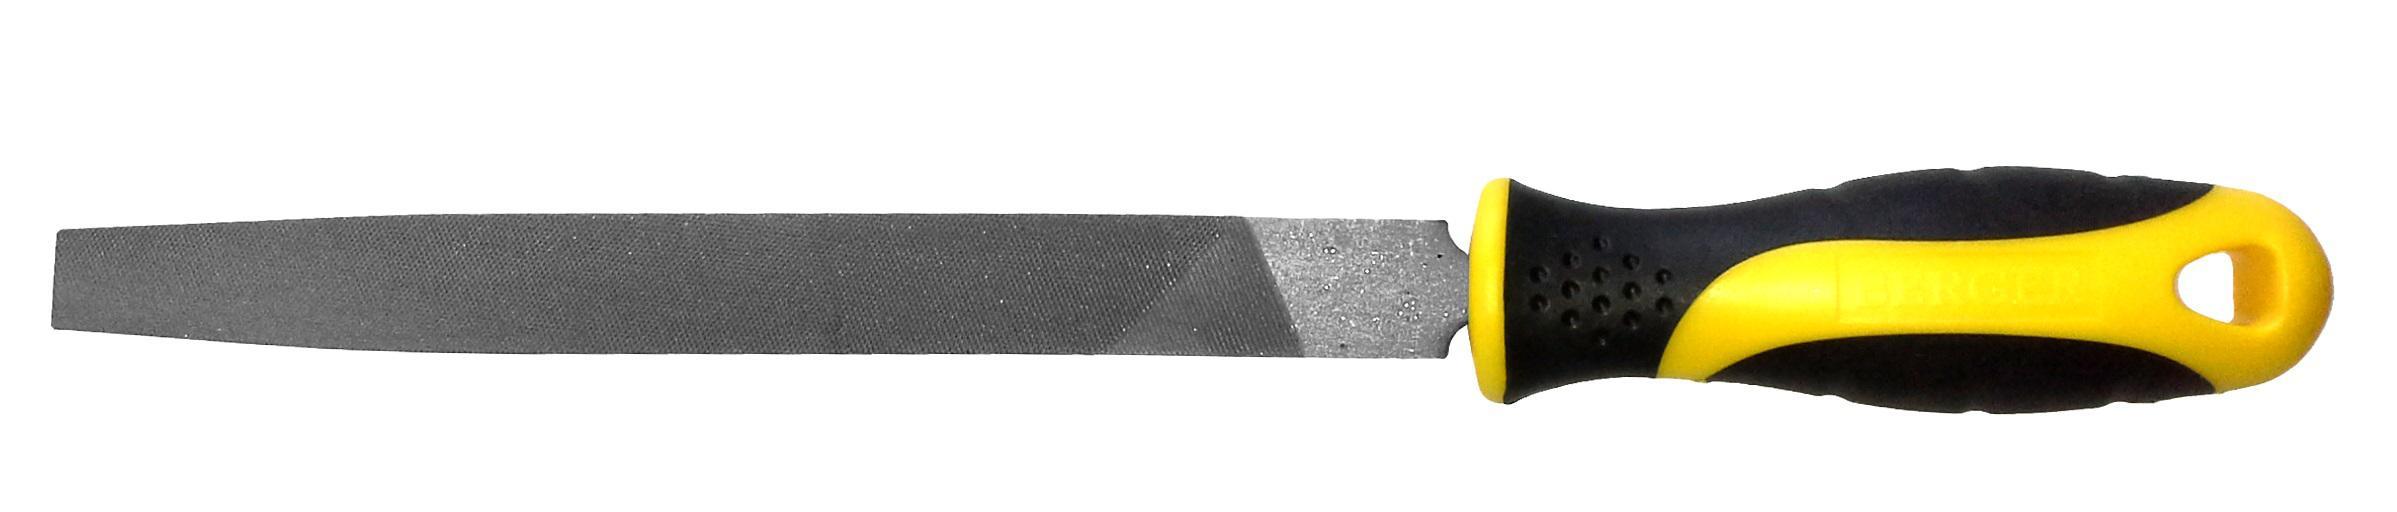 Напильник Berger Bg1150 напильник berger плоский с рукояткой 200 мм bg1150